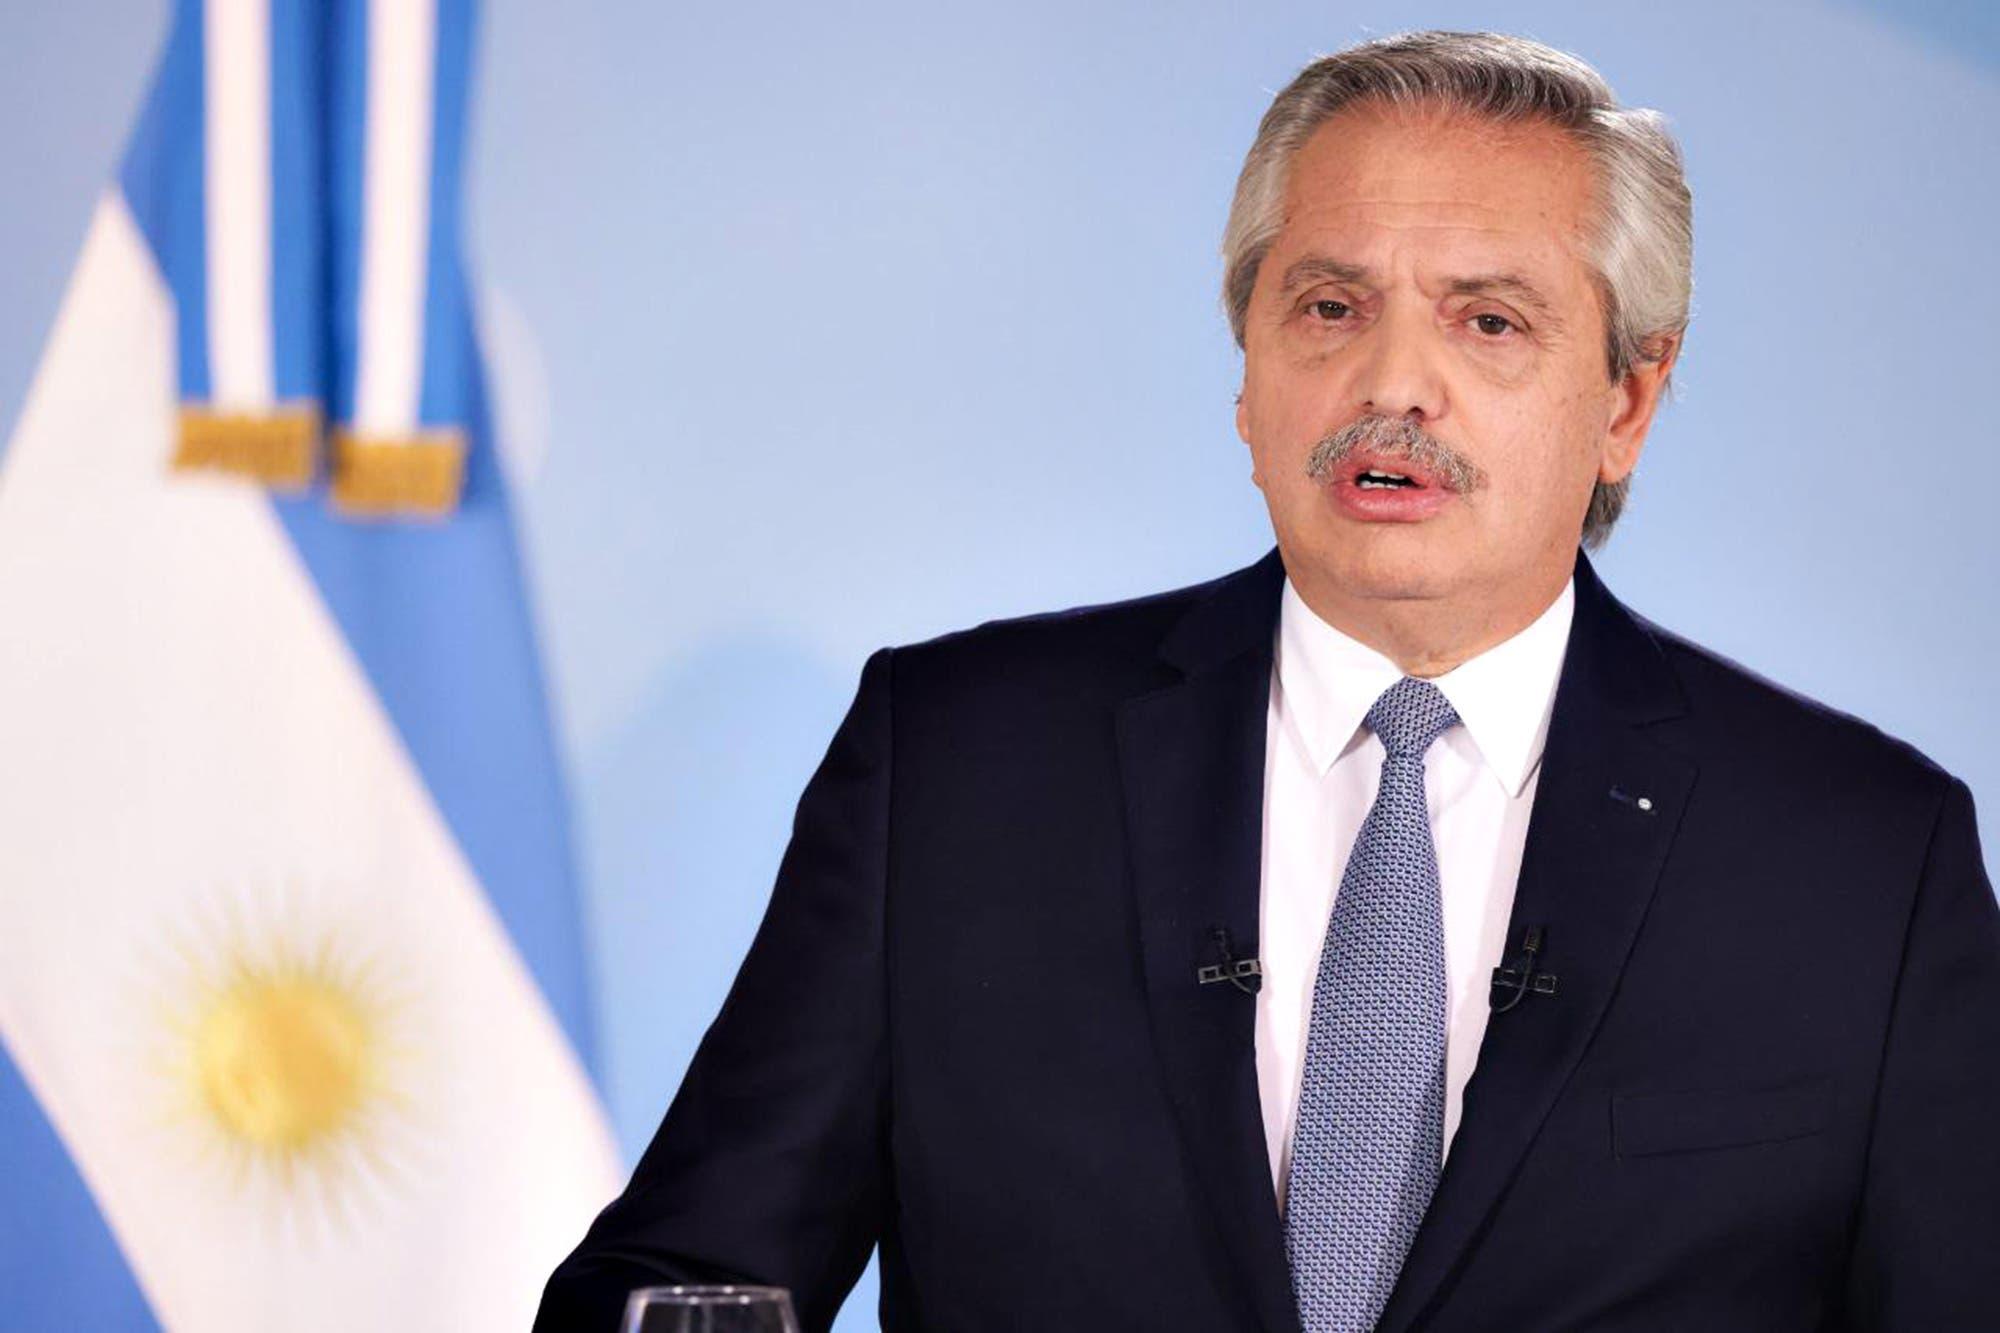 El Presidente anunció un confinamiento estricto por 9 días en casi todo el país